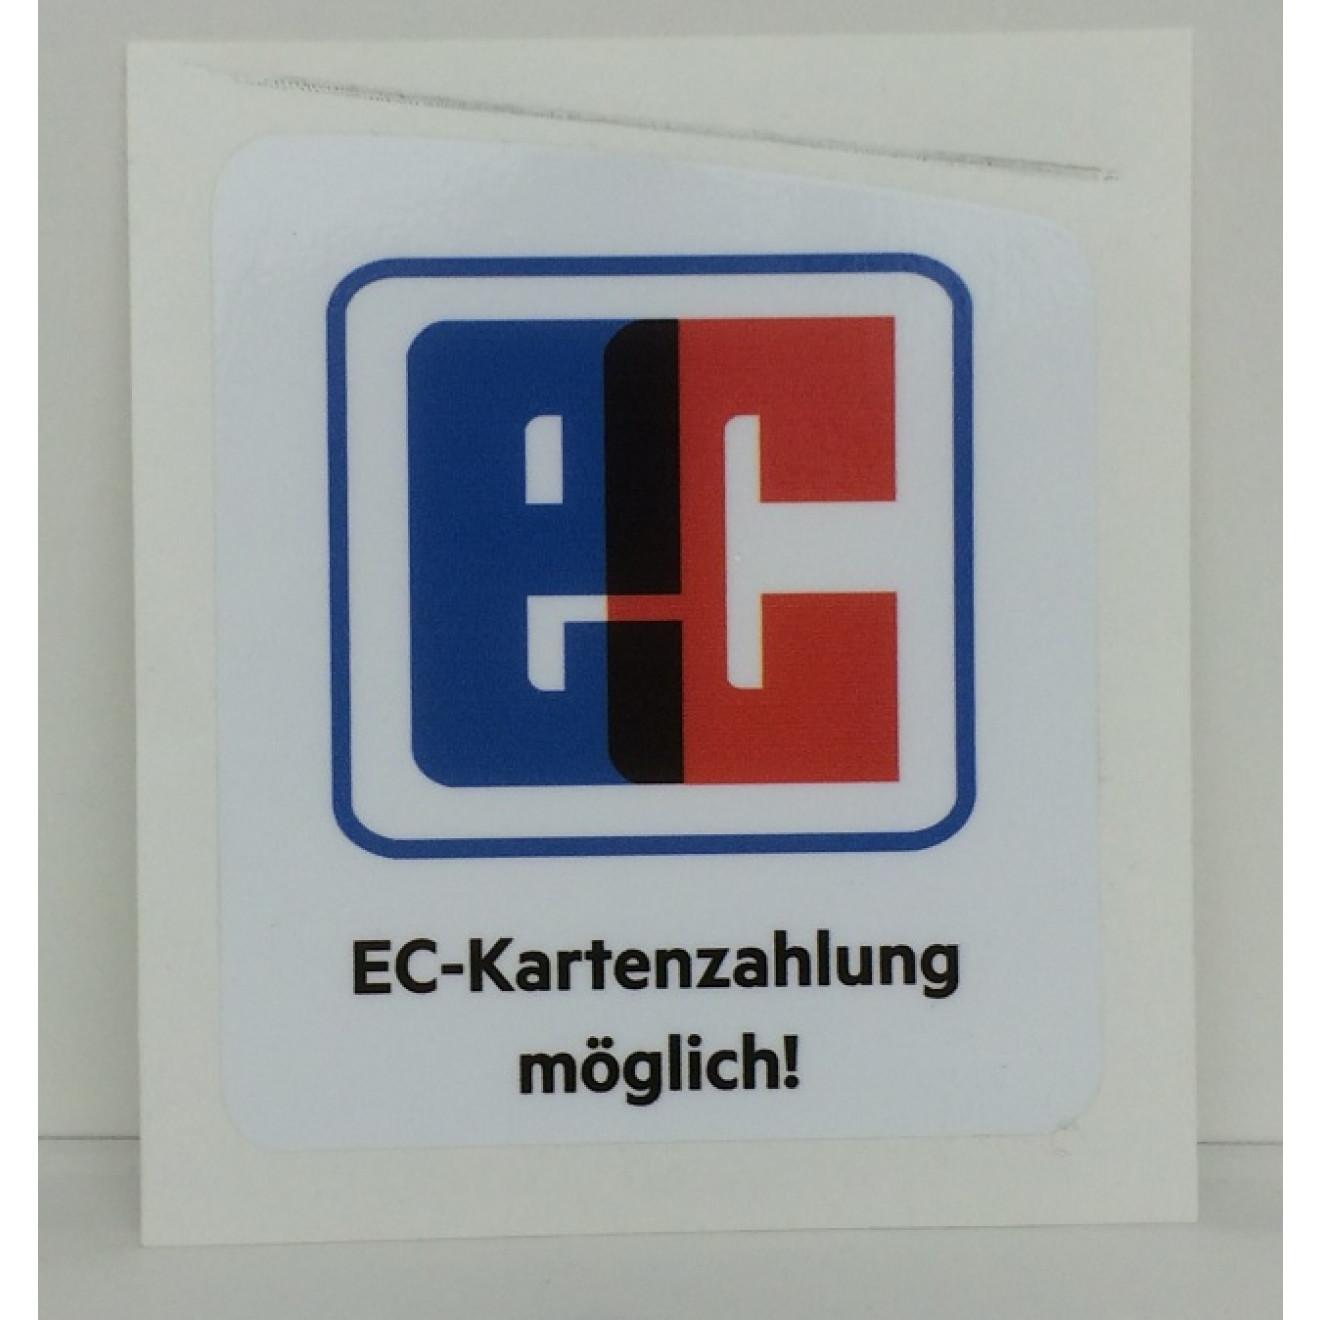 Ec-Kartenzahlung